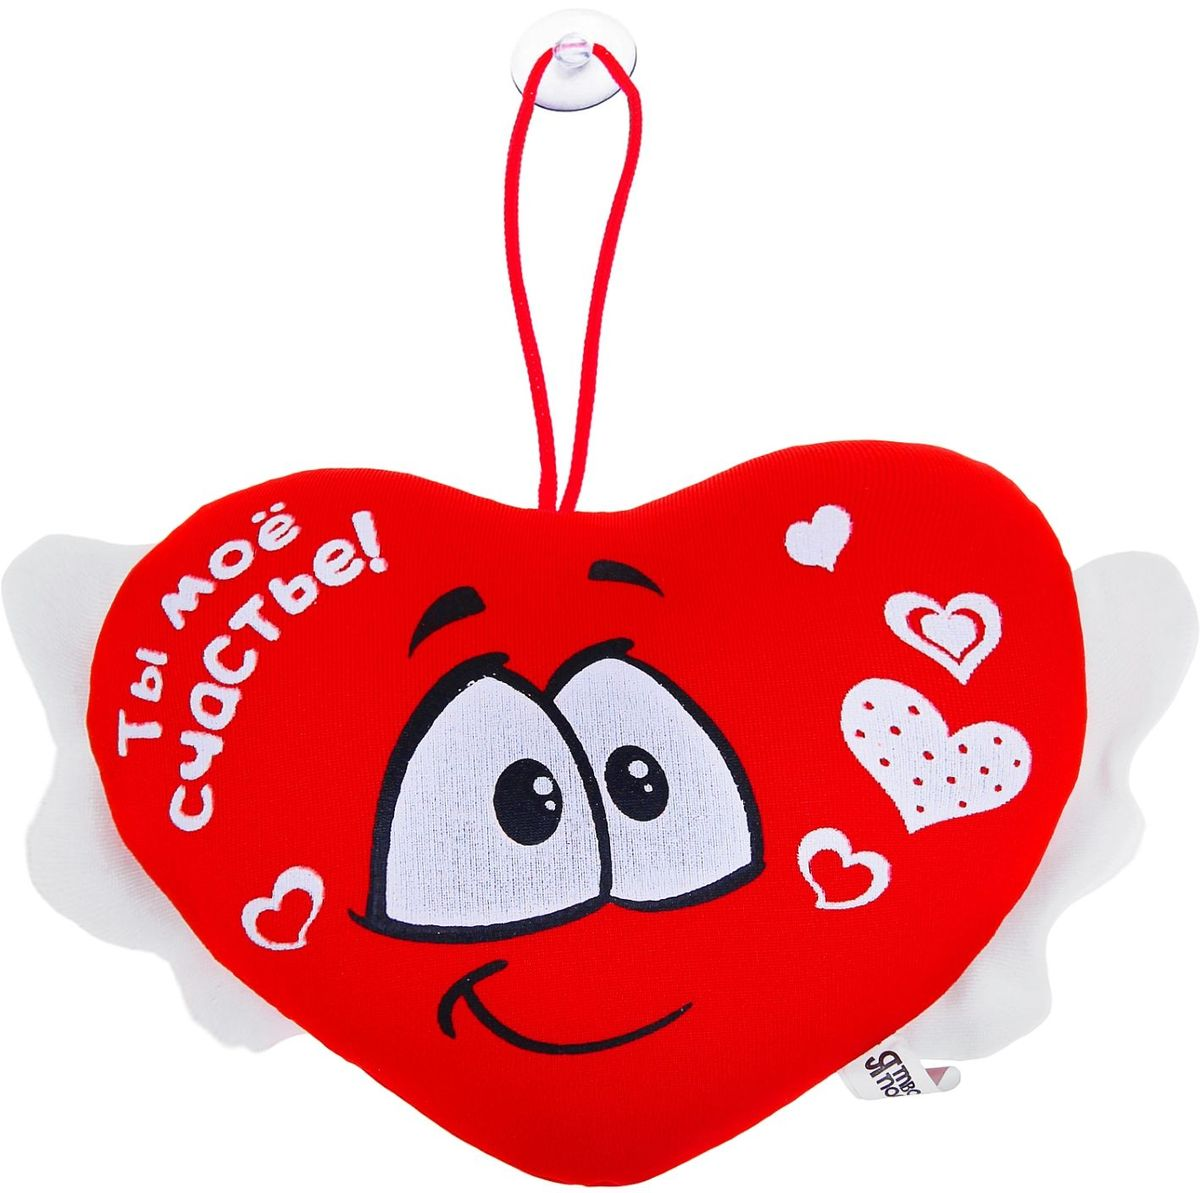 Sima-land Мягкая игрушка-антистресс Сердечко с крыльями Ты мое счастье 864927 игрушка антистресс сима ленд сердечко 330476